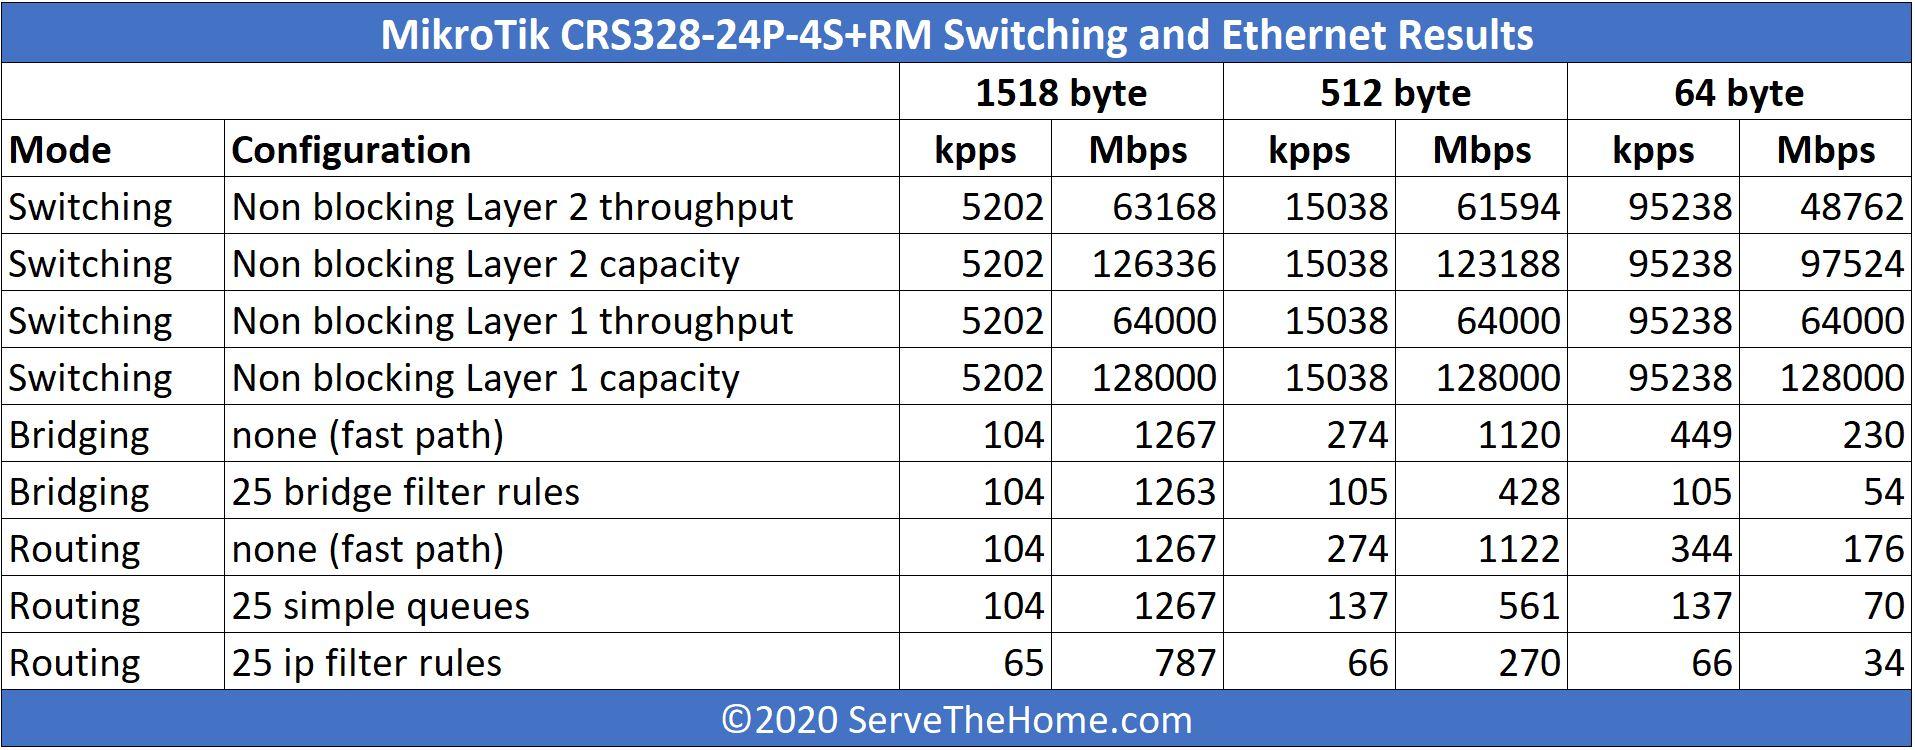 MikroTik CRS328 24P 4S+RM Performance